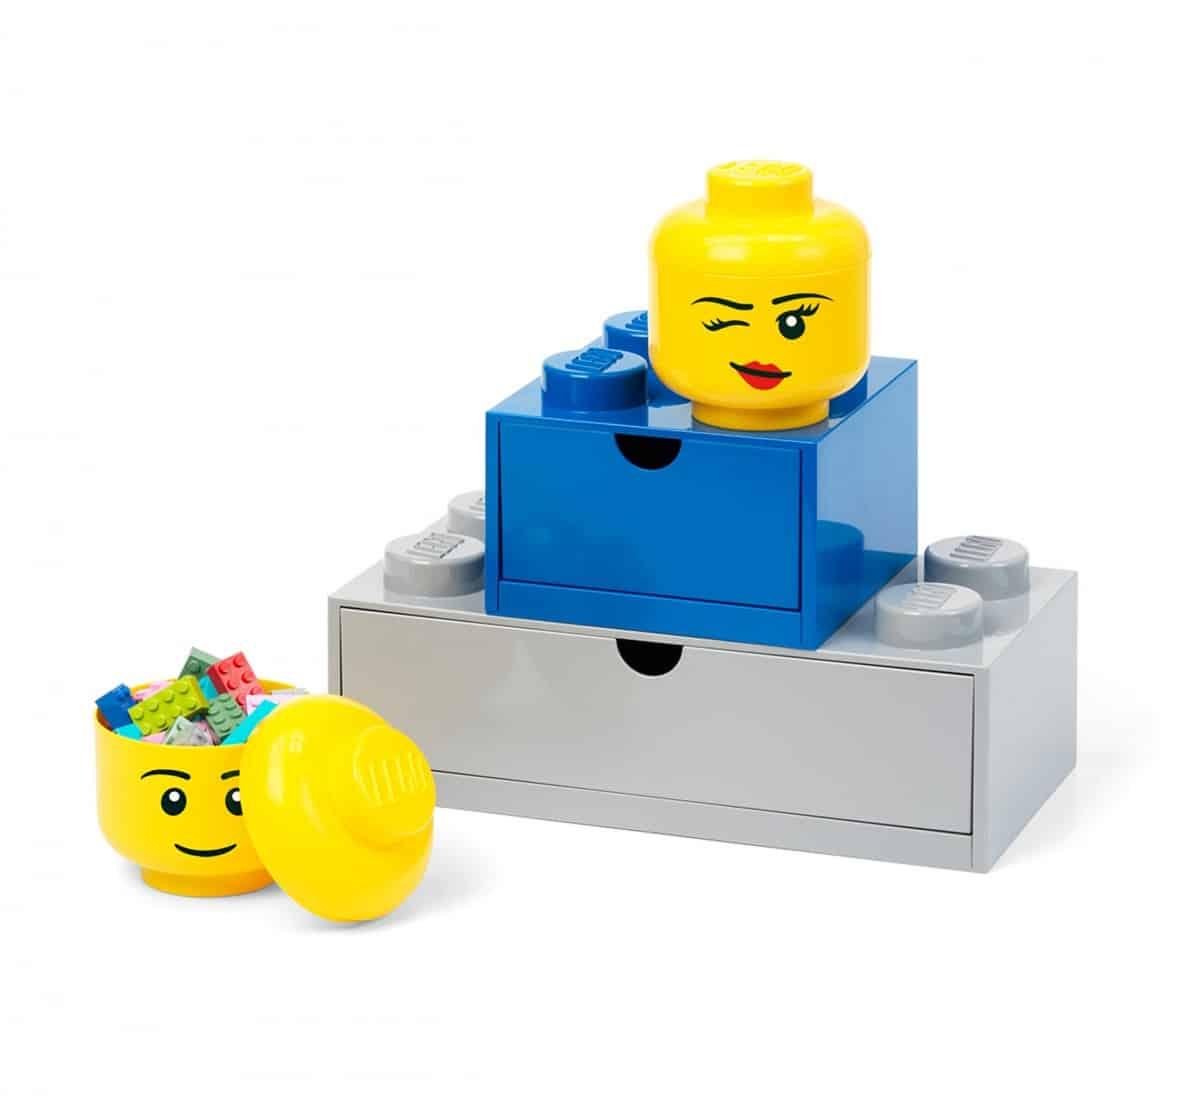 rangement en forme de tete de fille lego 5006211 mini clin doeil scaled